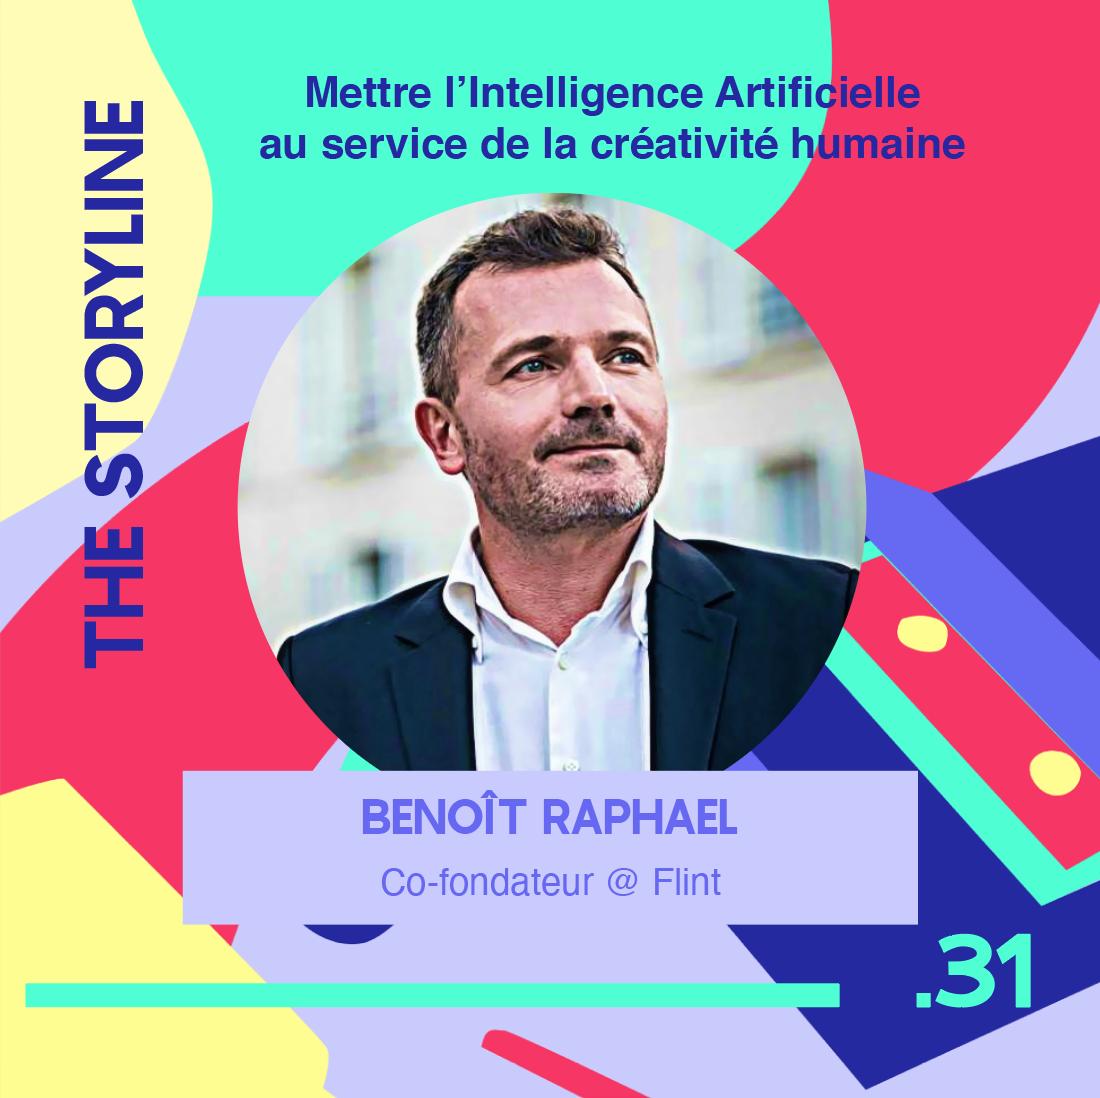 #31 - Mettre l'Intelligence Artificielle au service de la créativité humaine